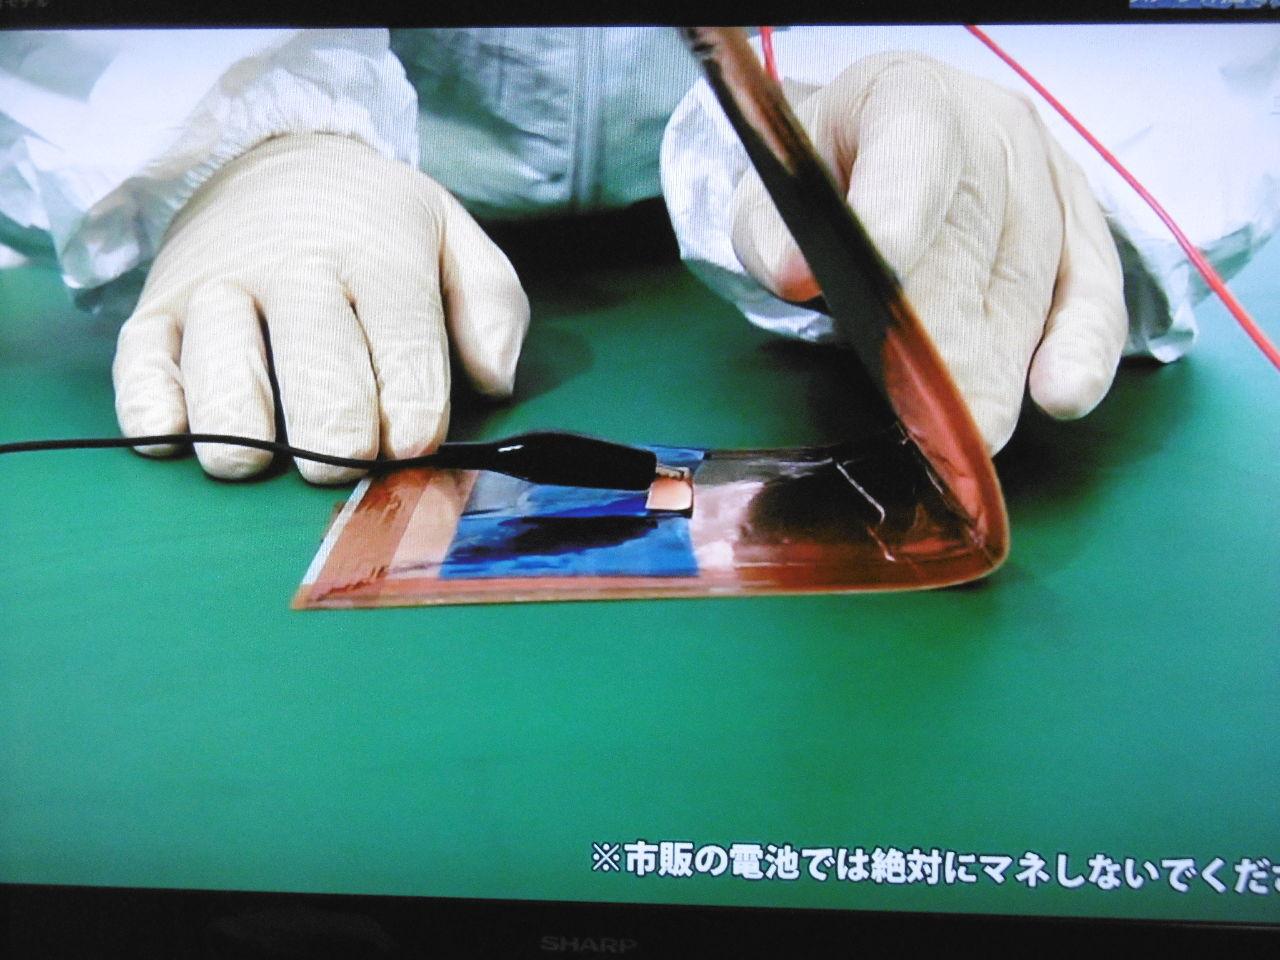 5020 - JXTGホールディングス(株) ここが大株主になっている会社が画期的な電池を・・・ テレビでも放映でした。 折り曲げができたり、形も